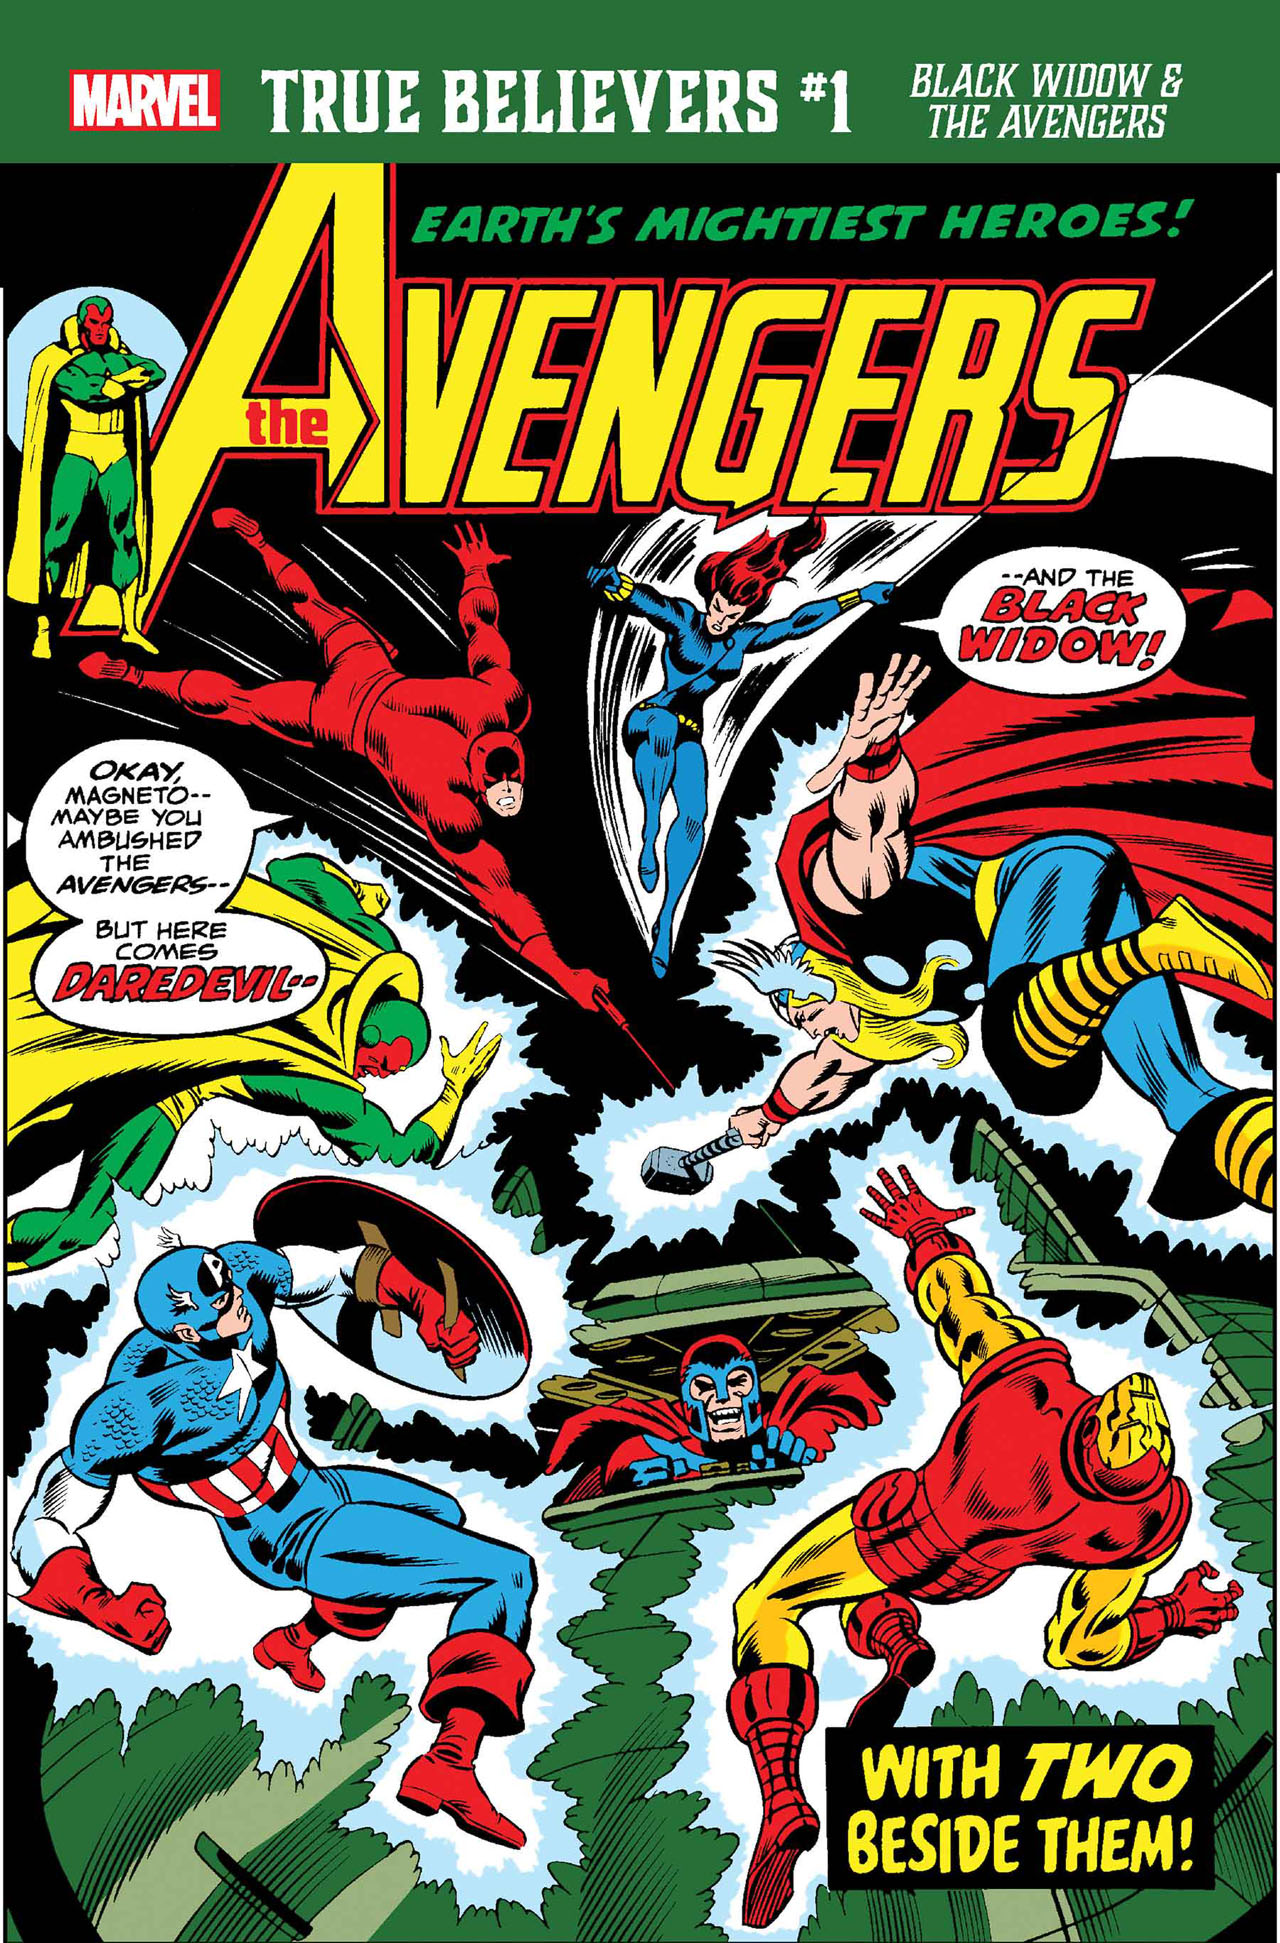 True Believers: Black Widow & the Avengers Vol 1 1